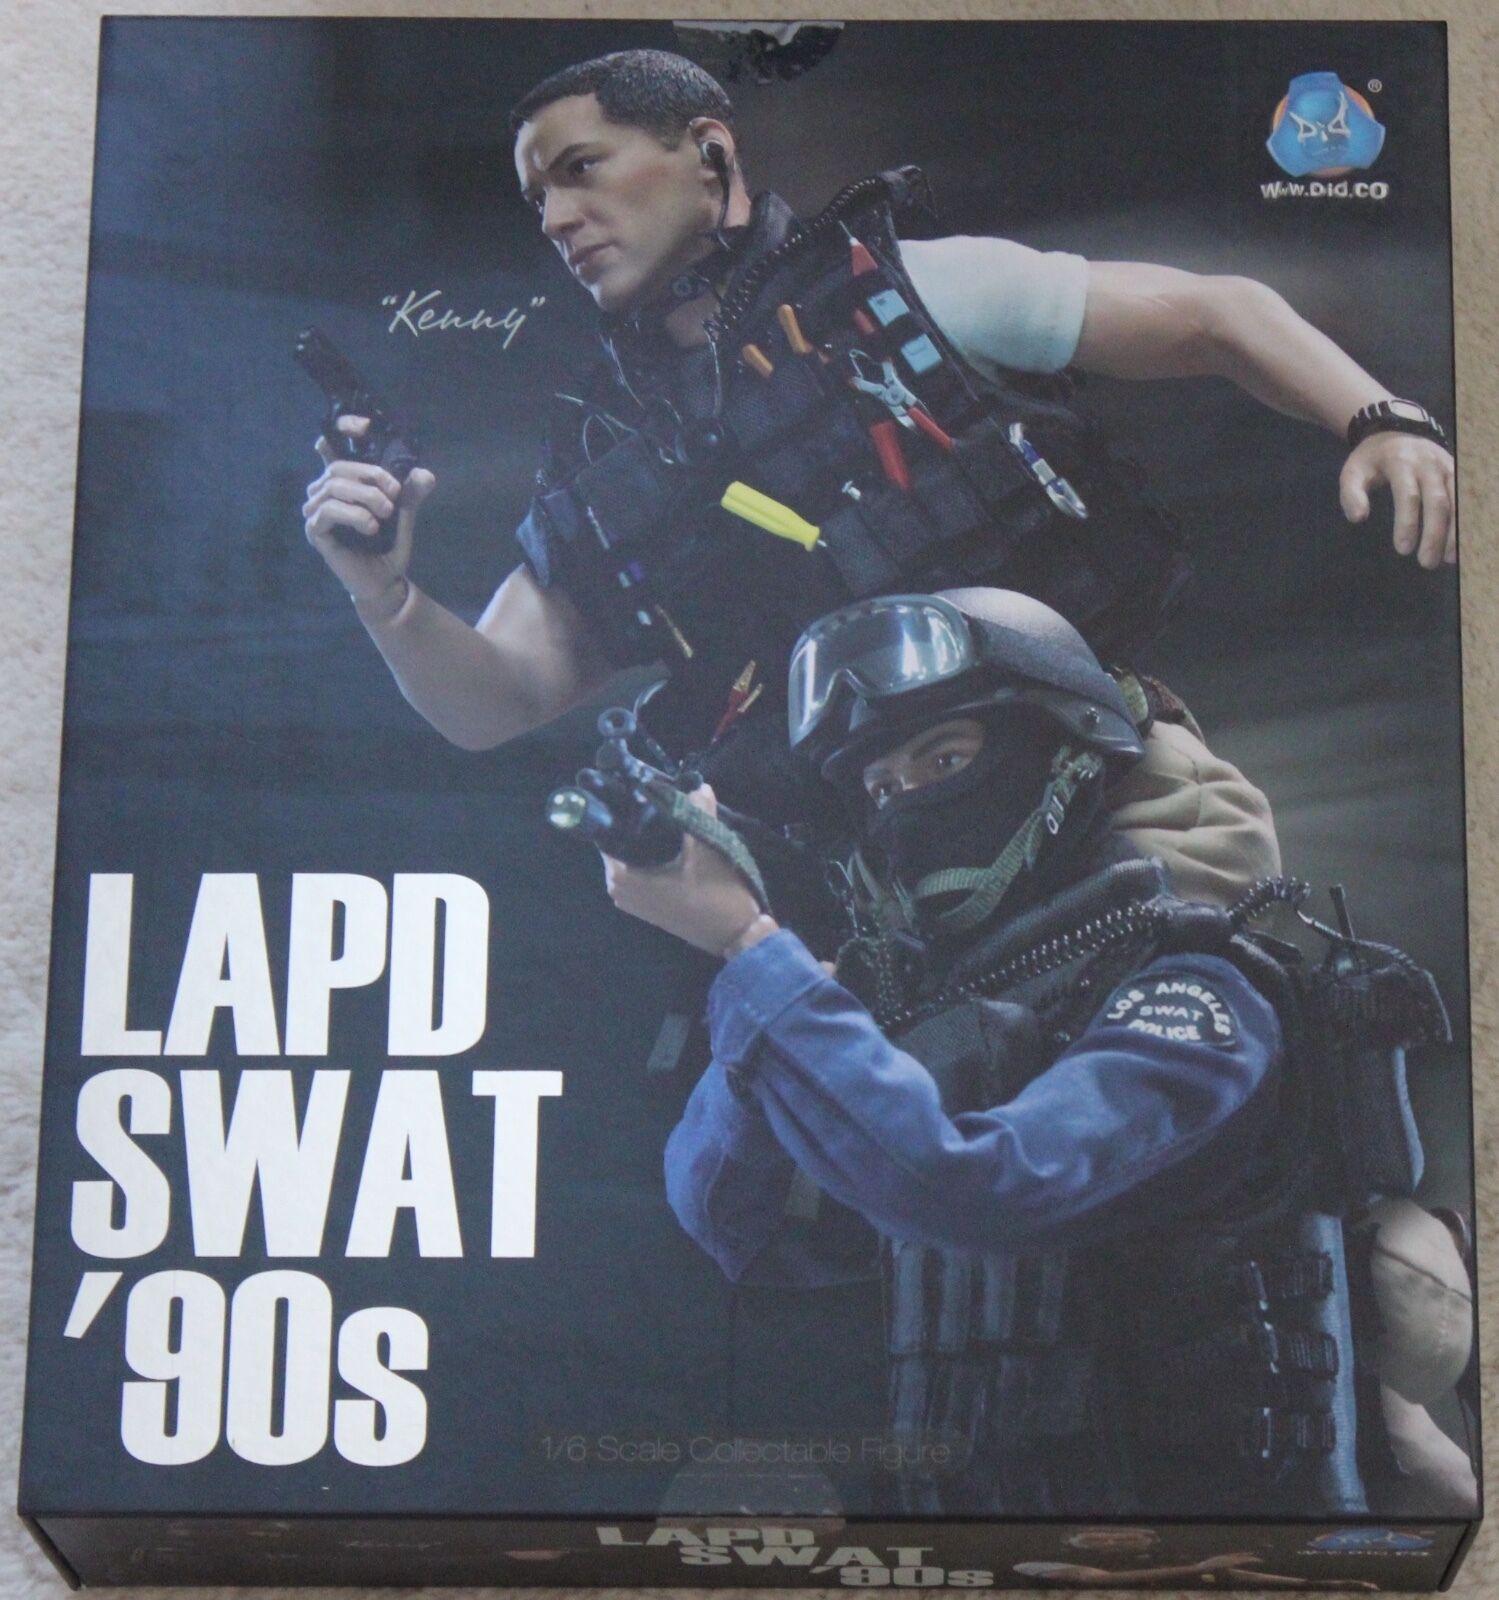 DID azione cifra 1  6 12  POLIZIA SWAT Kenny in scatola giocattolo Drago Cyber caliente giocattoli  vendendo bene in tutto il mondo